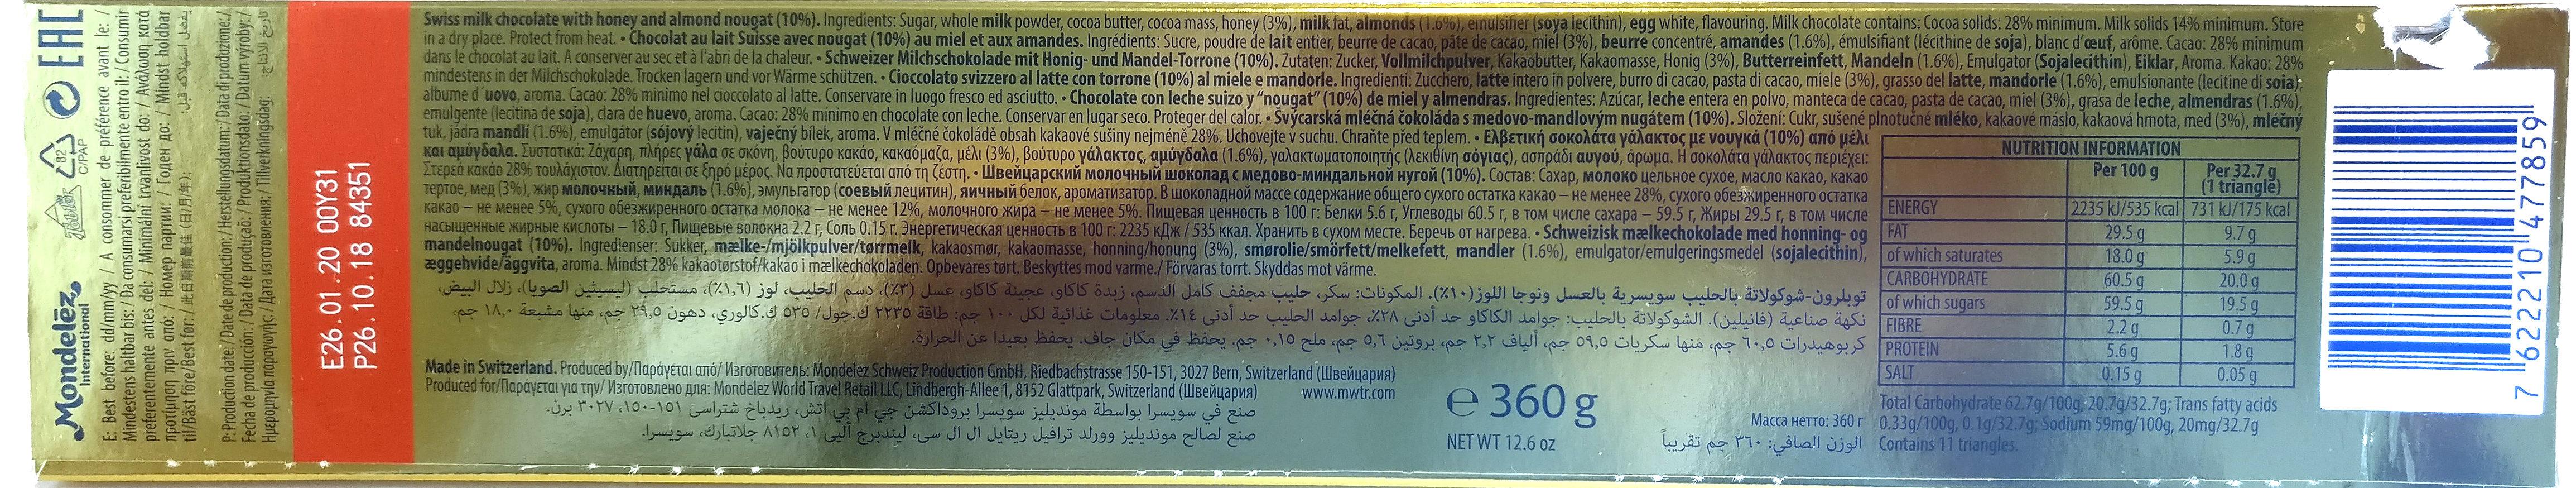 Toblerone - Ingredients